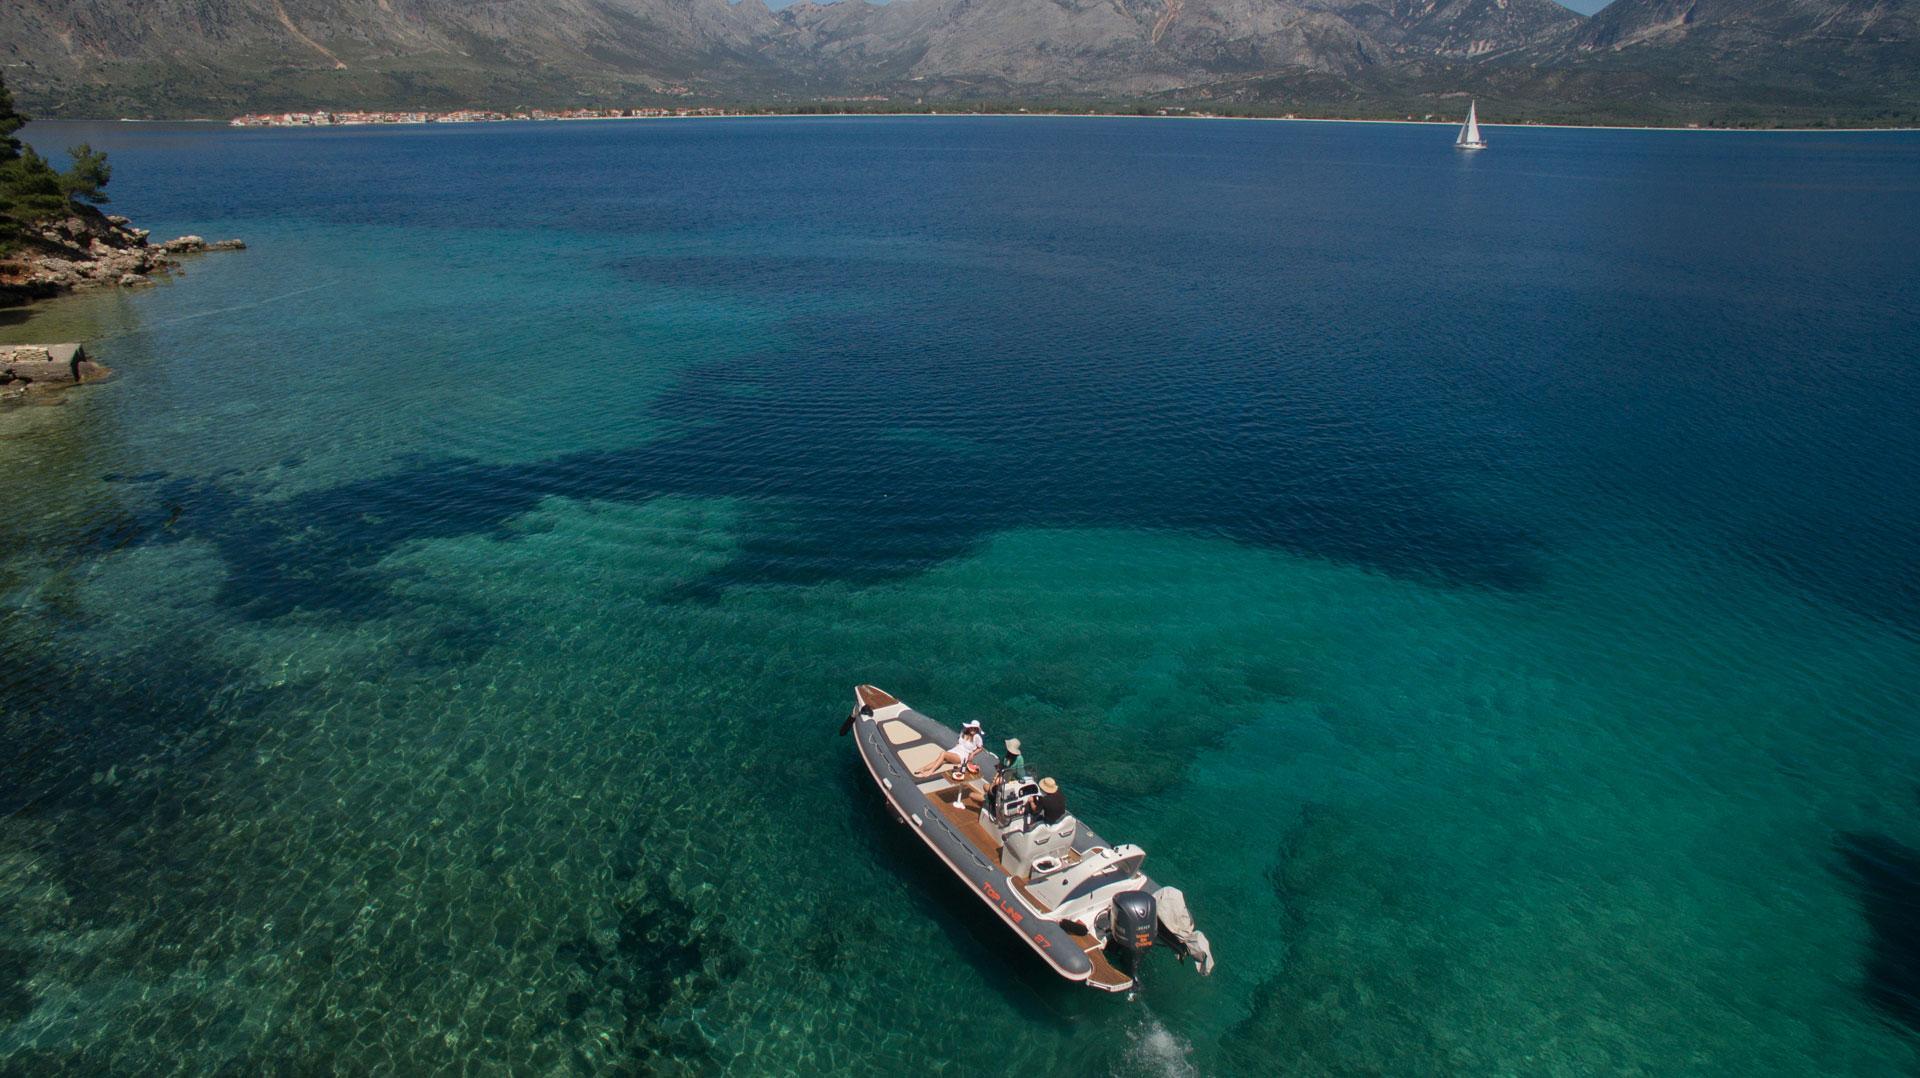 Ionian Rib Cruising